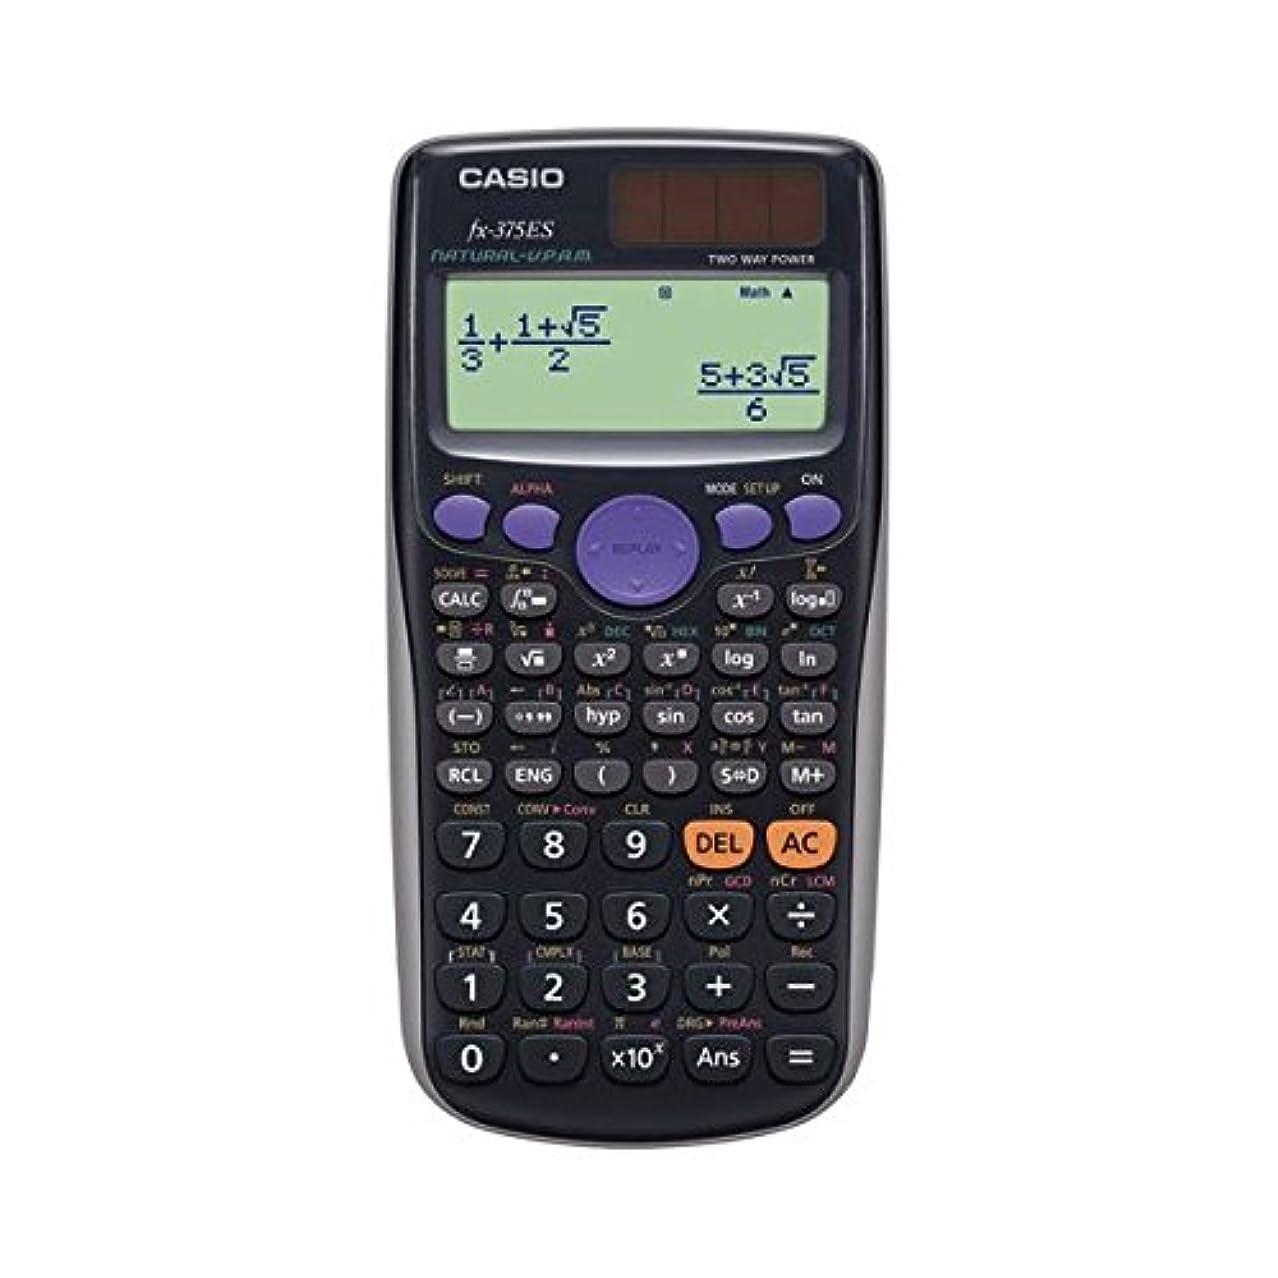 (まとめ) カシオ CASIO 関数電卓 10桁 ハードケース付 FX-375ES-N 1台 【×2セット】 ds-1581255